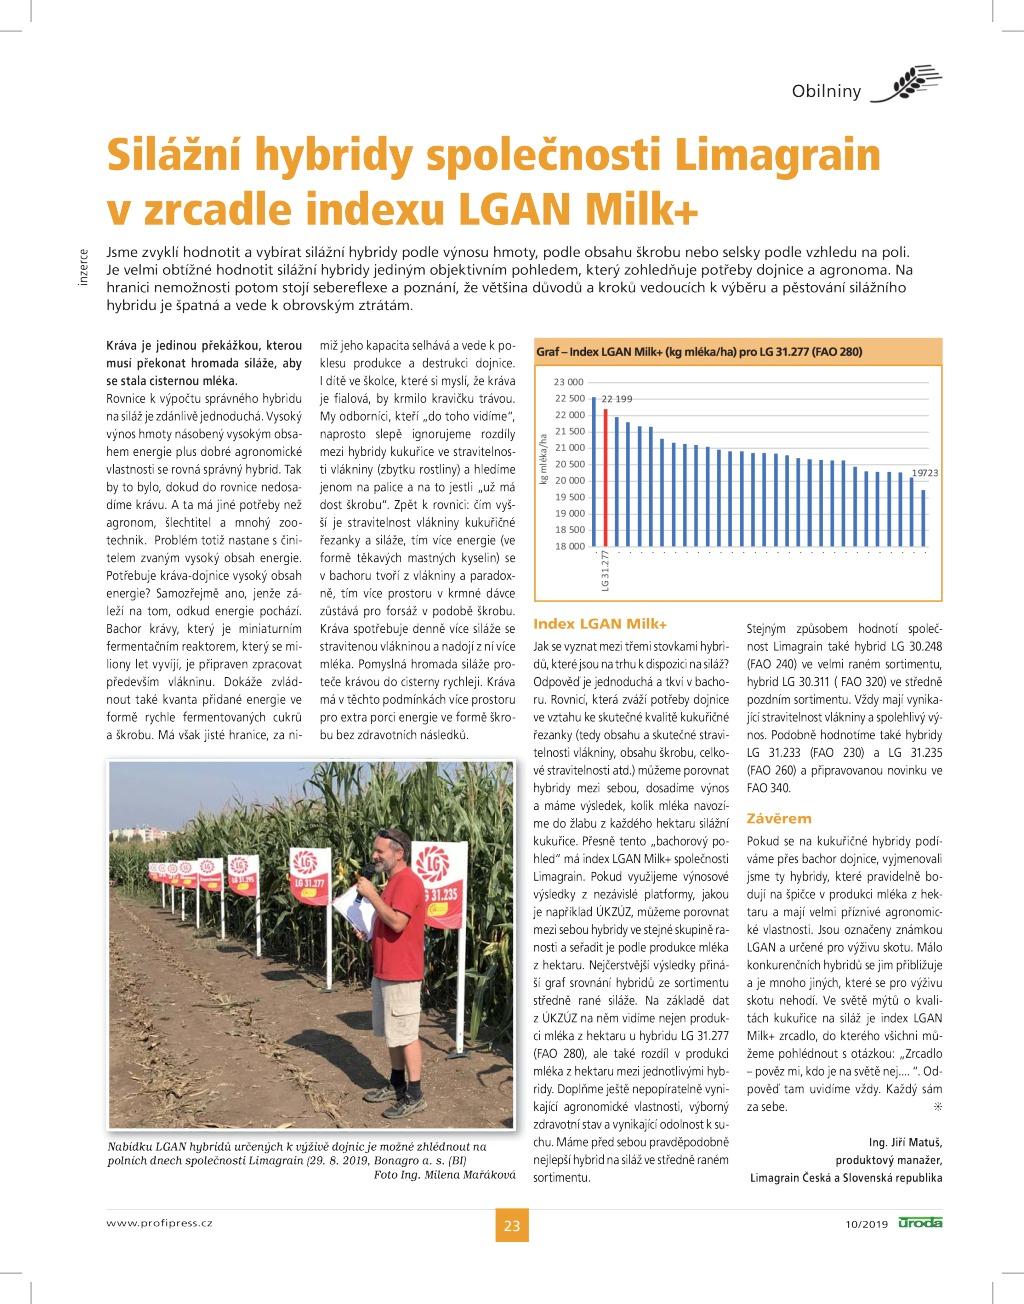 2019 CZ JIM Index LGAN Milk+_Úroda 10